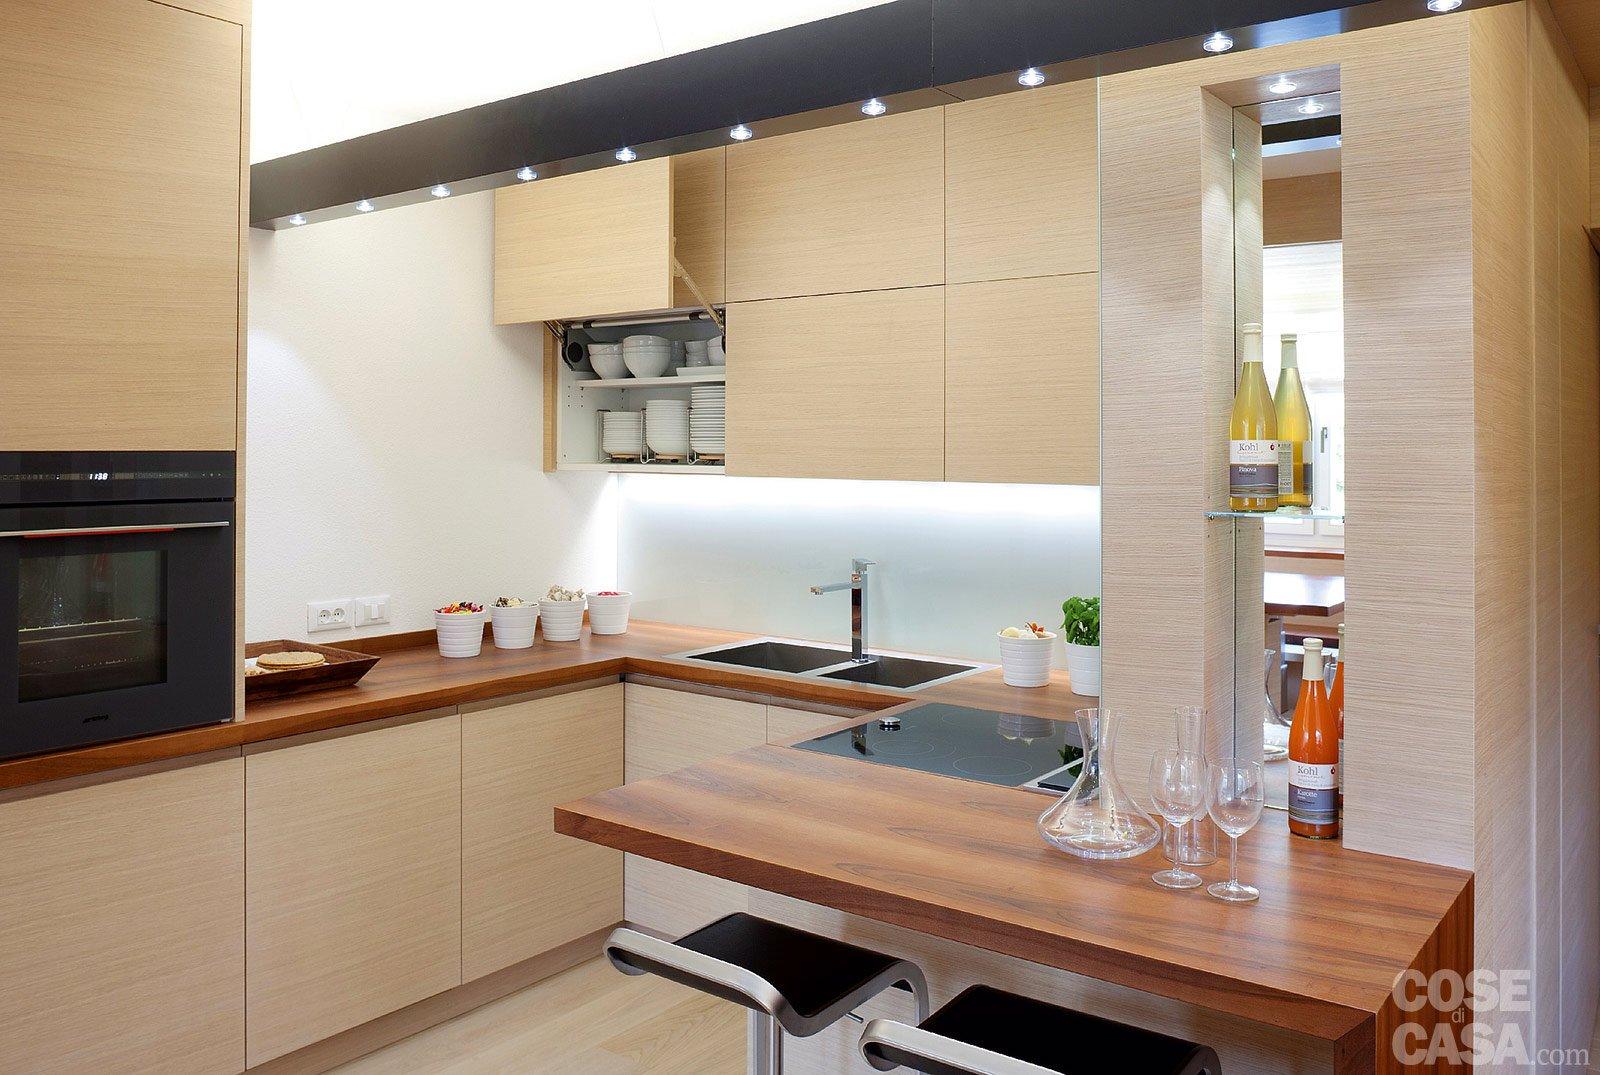 57 mq con ambienti mutevoli cose di casa for Case moderne sotto 100k